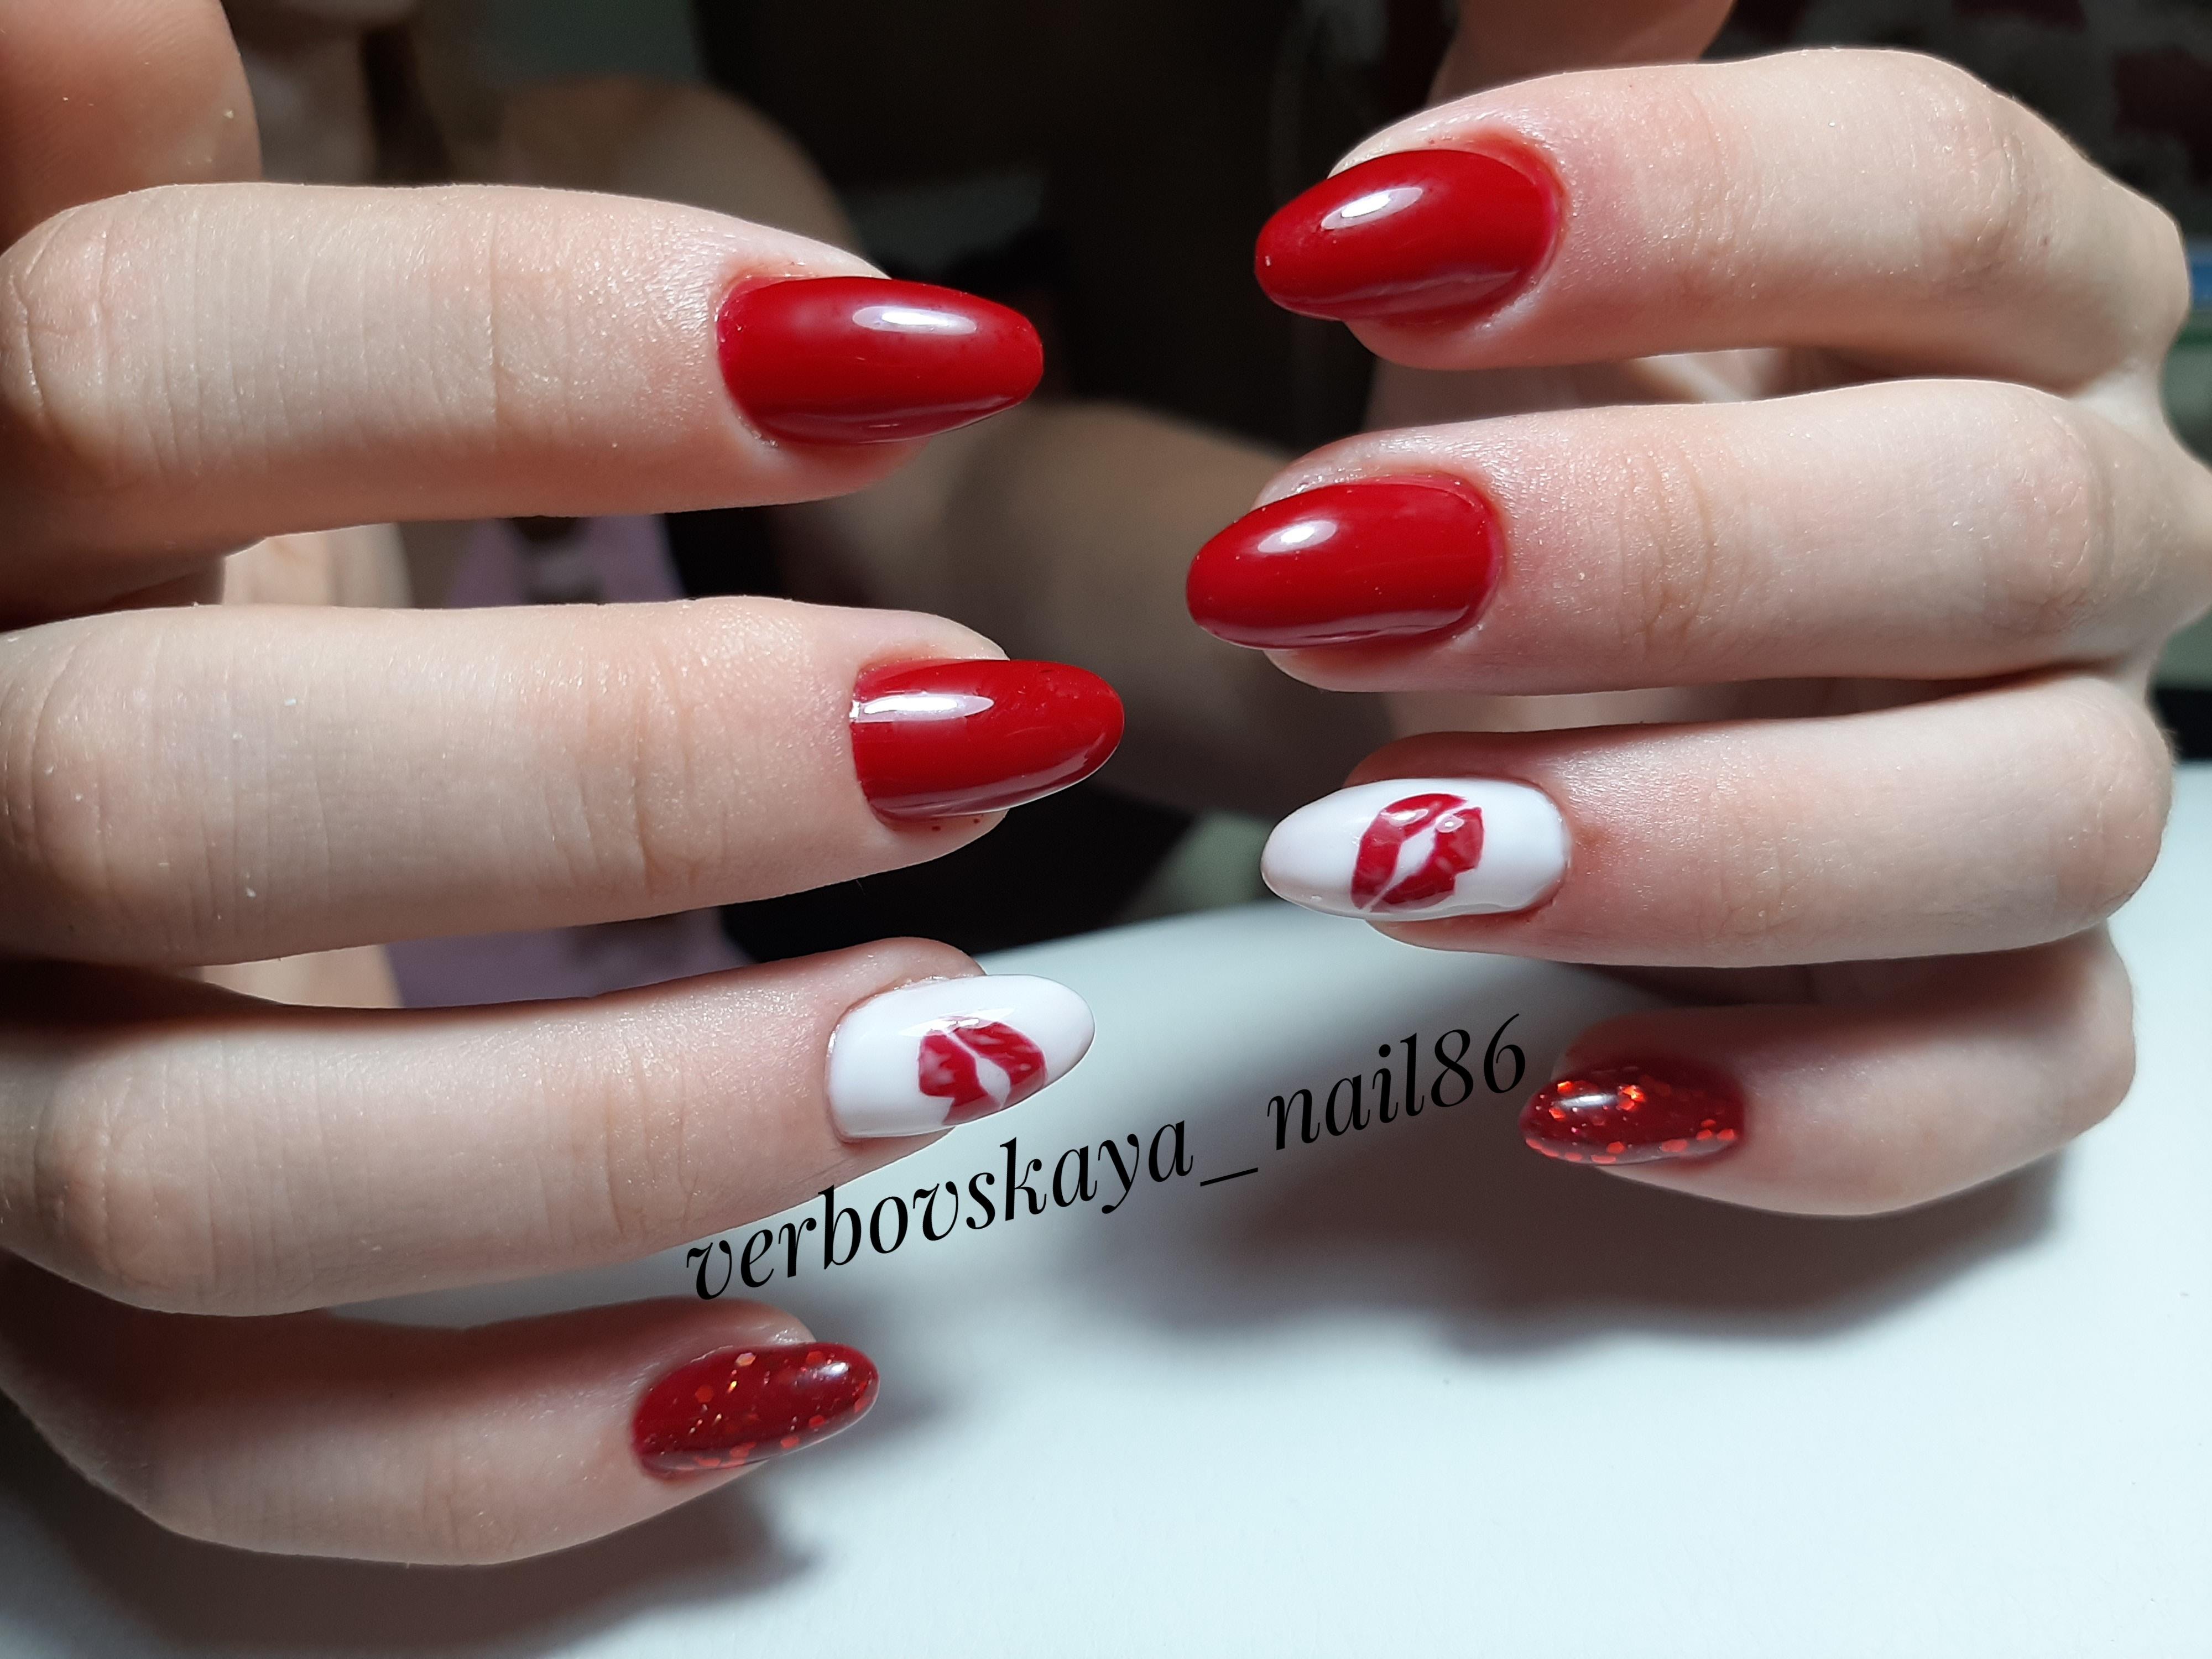 Маникюр со слайдерами в красном цвете на длинные ногти.